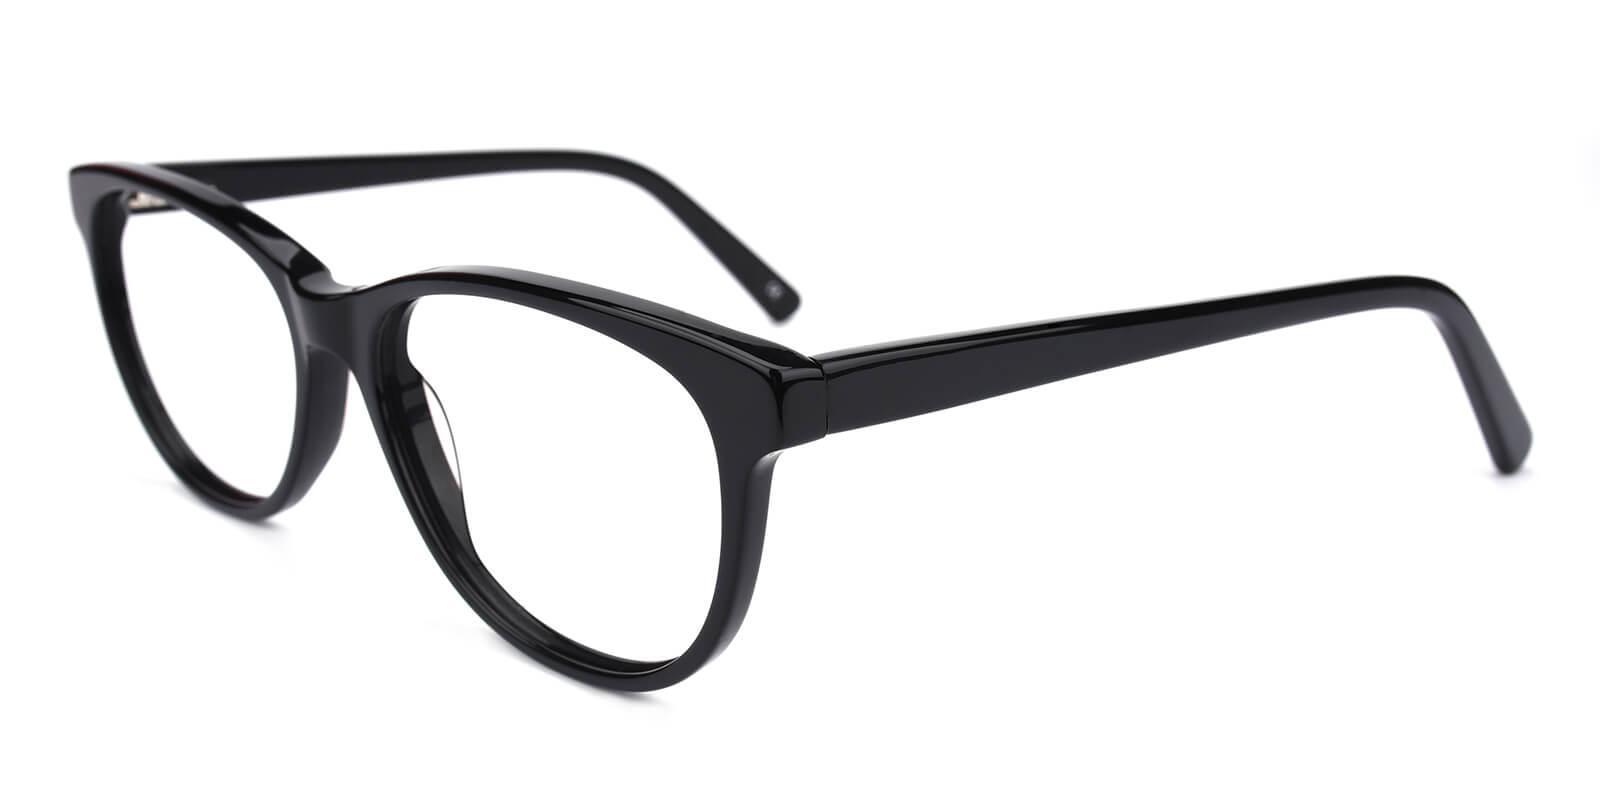 Neptunus-Black-Cat-Acetate-Eyeglasses-additional1